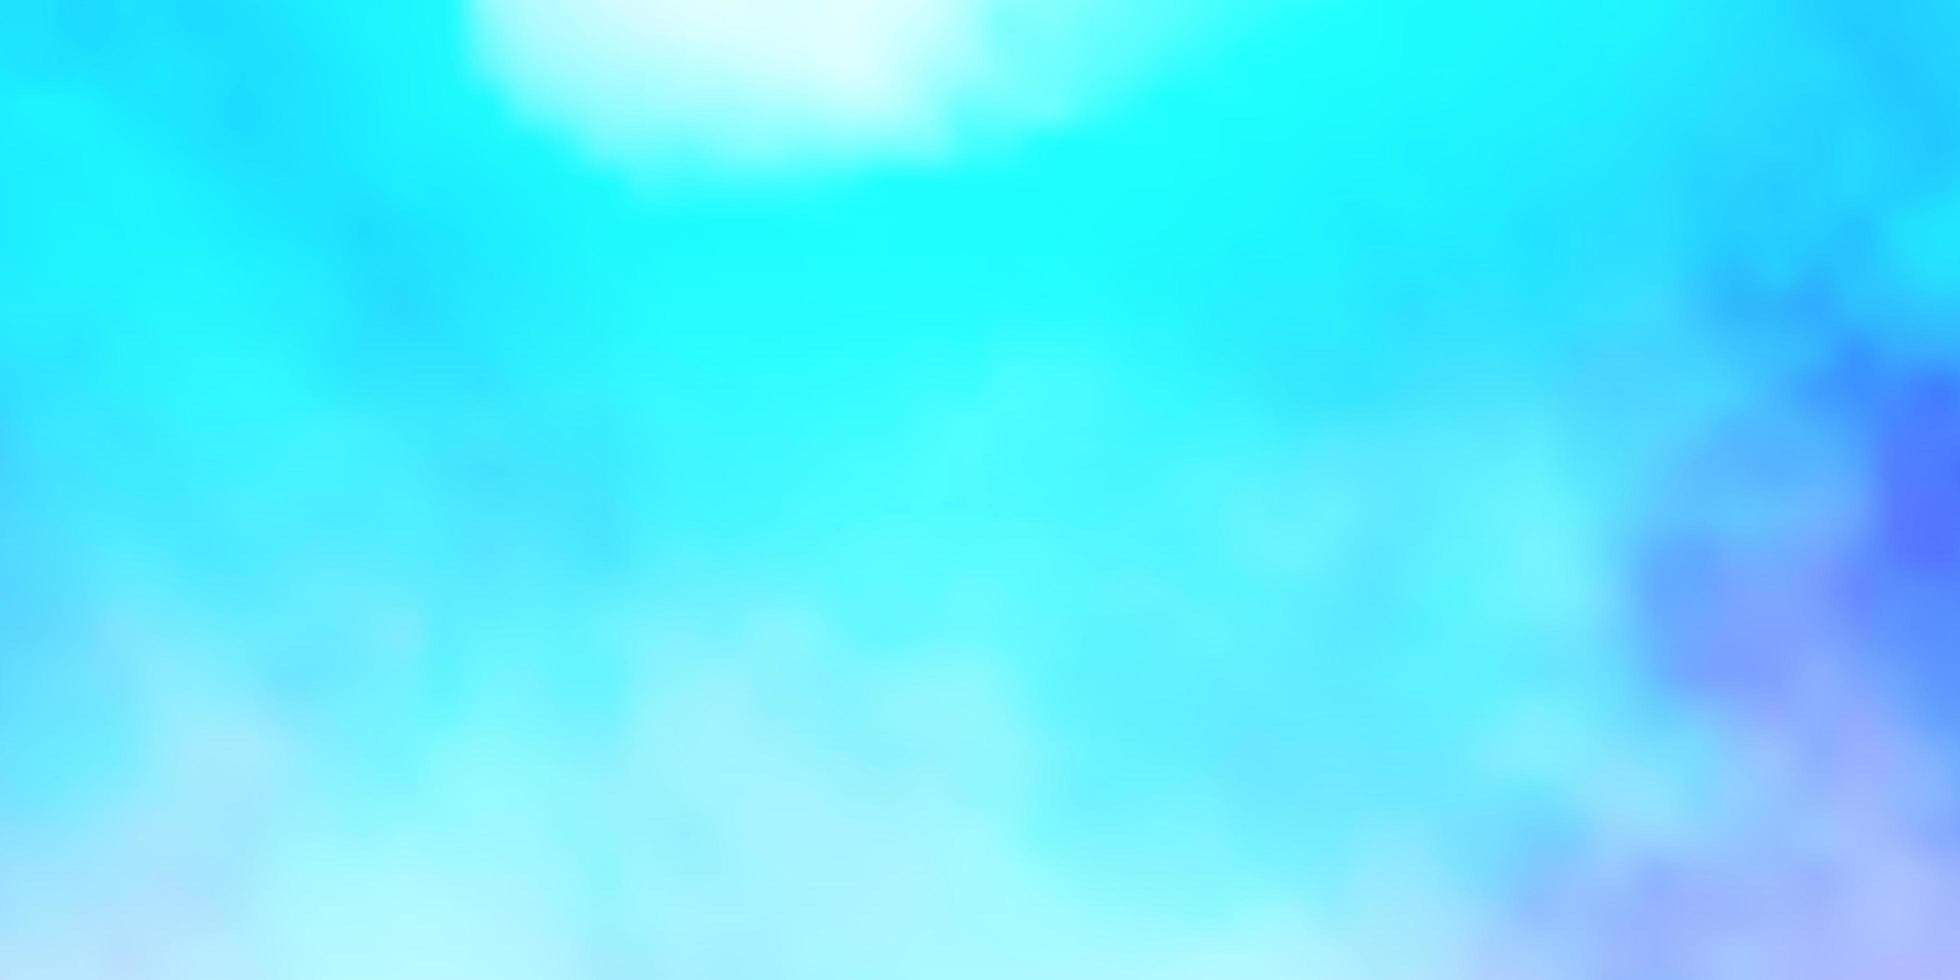 ljusblå mall med himmel, moln. vektor